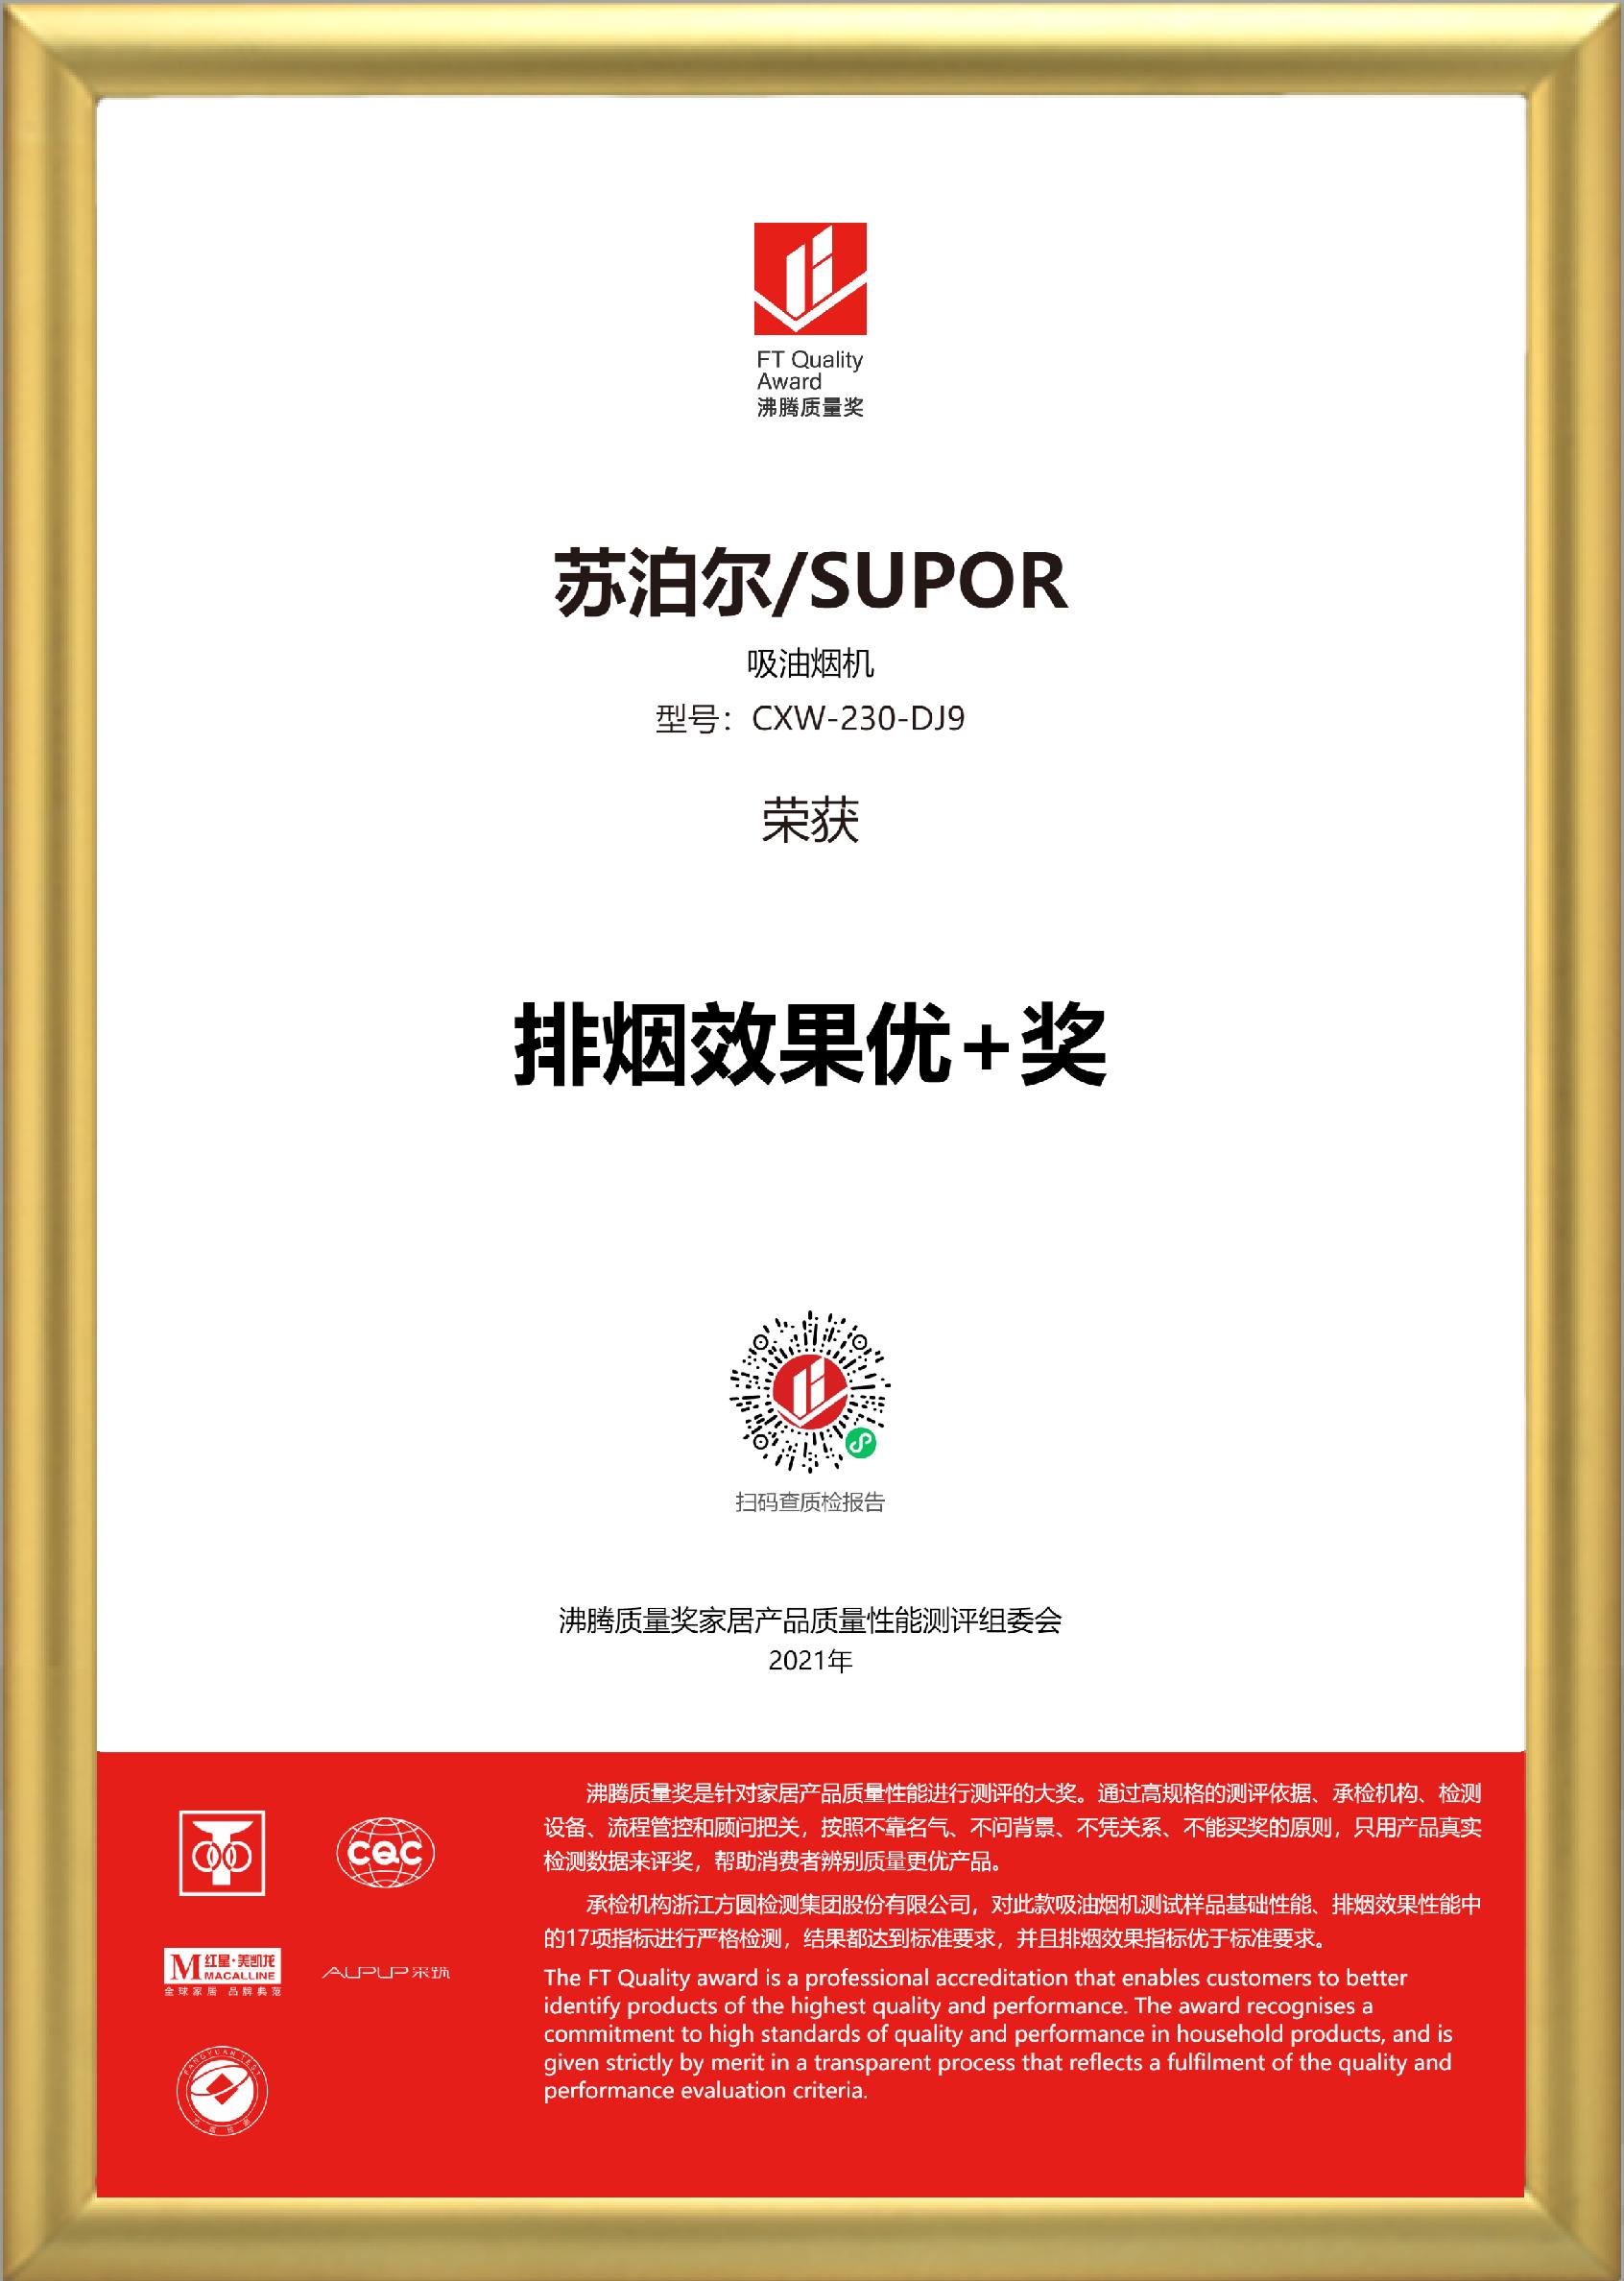 金框加持-获奖证书-苏泊尔-CXW-230-DJ9.png